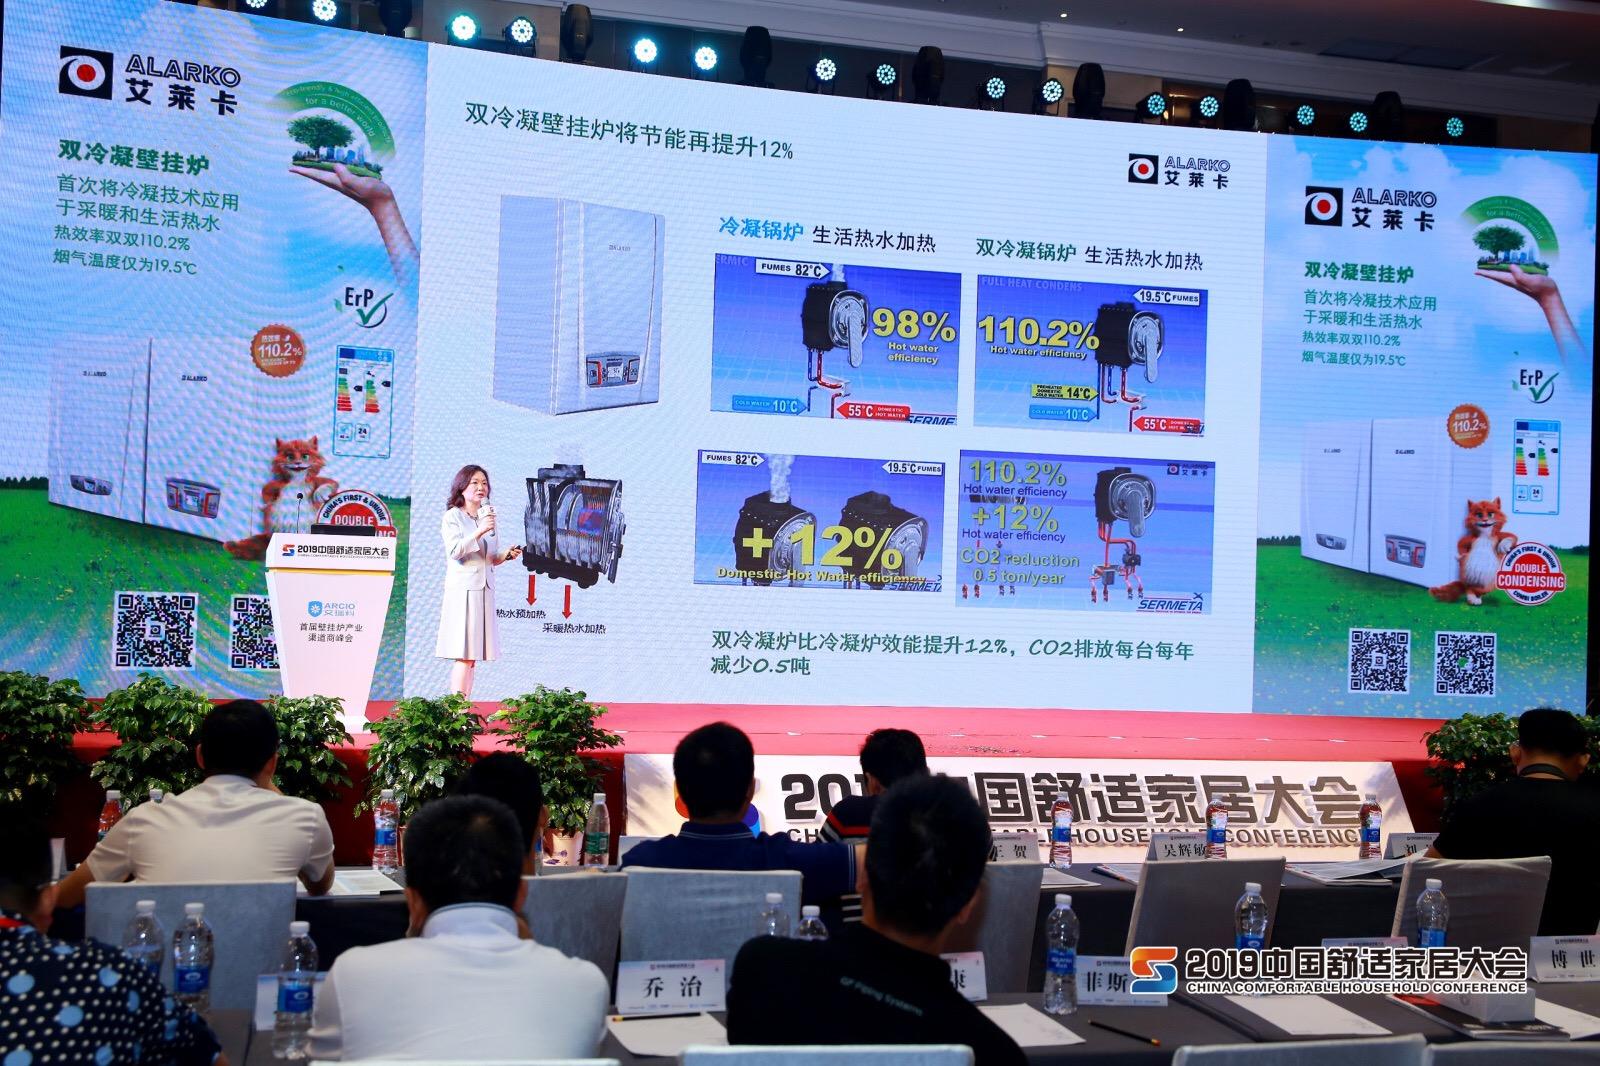 """Alarko Markası Çin'de """"En İyi Büyüme"""" Ödülüne Layık Görüldü"""